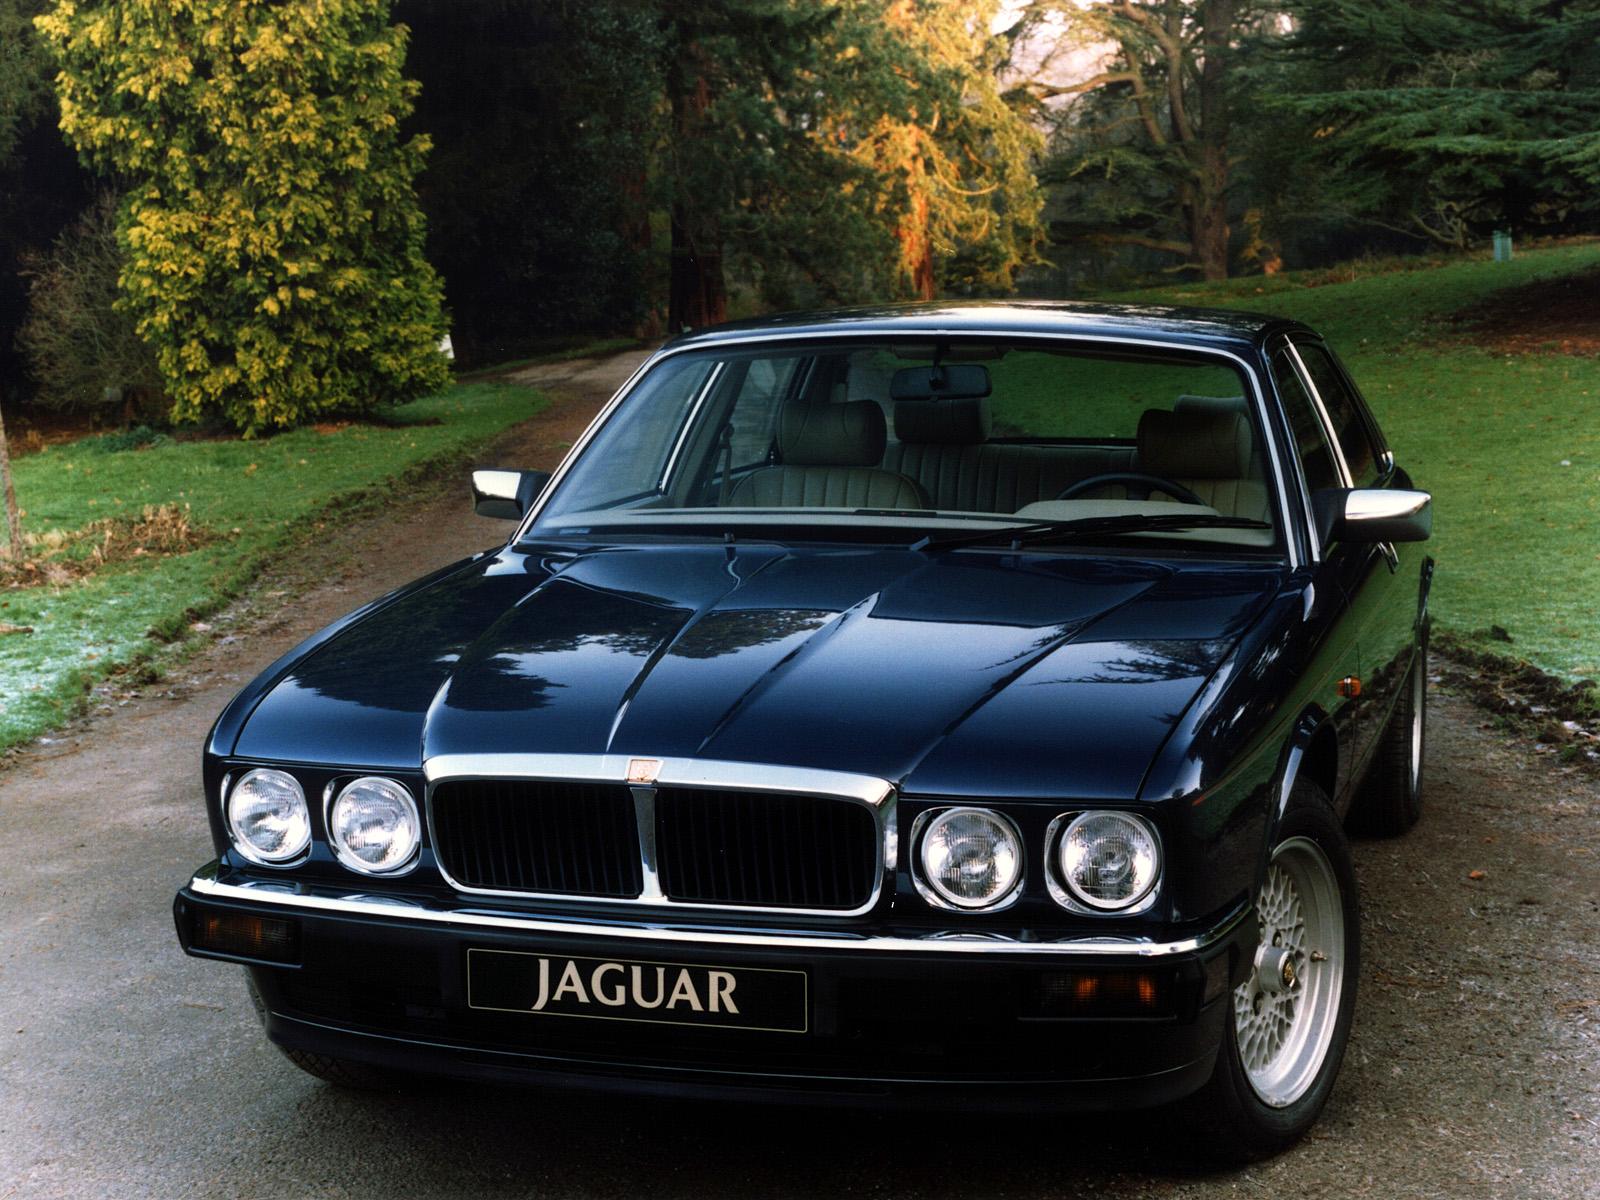 Jaguar XJ12 med de elegant sportiga runda lysena och de ursnygga kryssekerfälgarna. Roar!